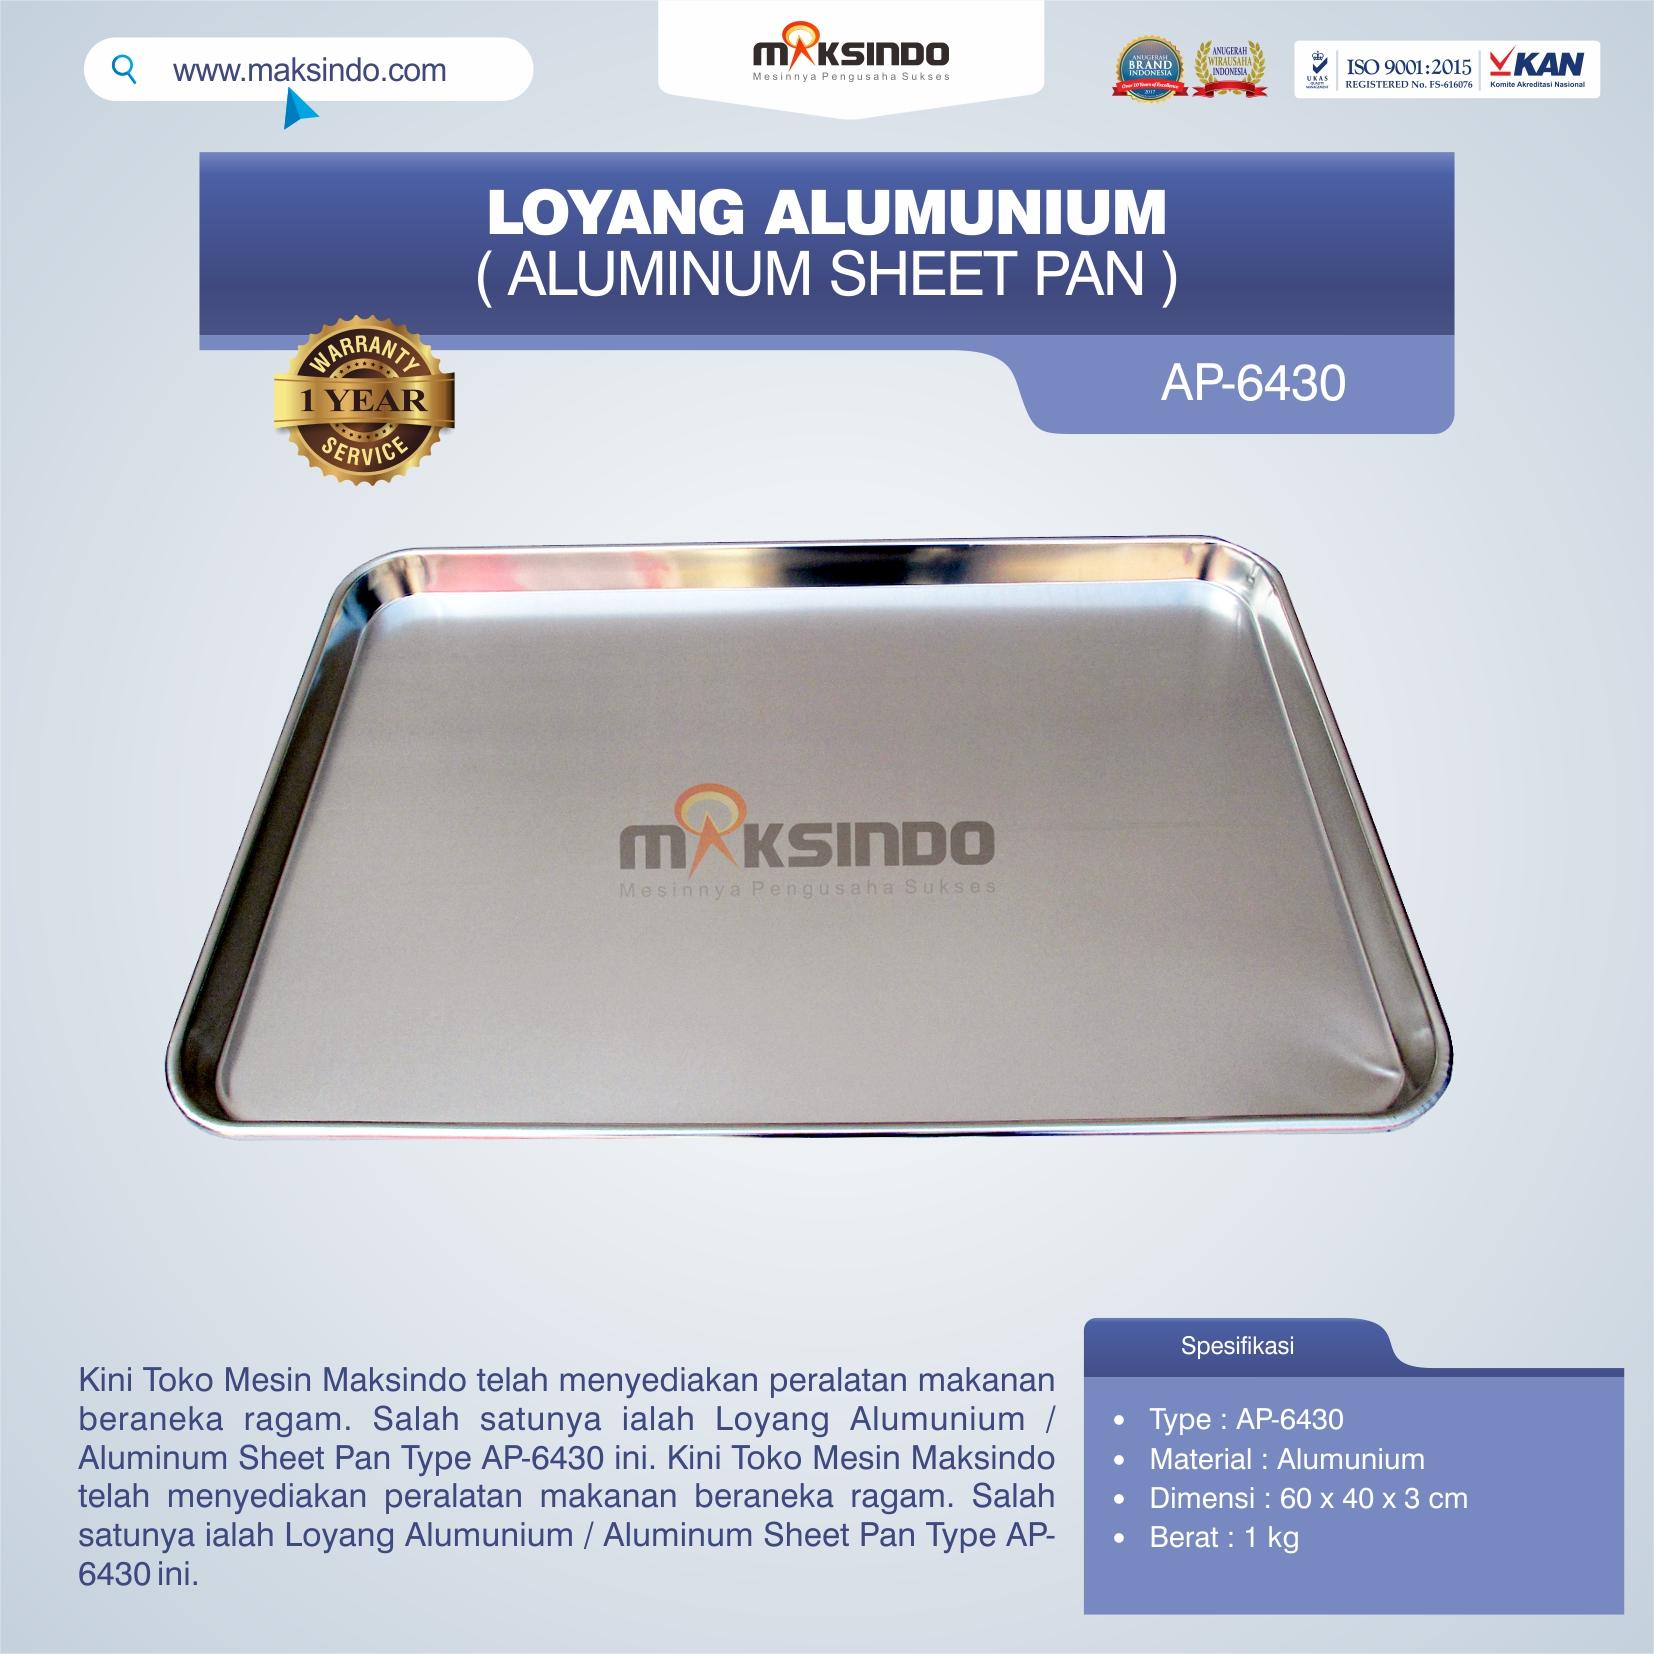 Jual Loyang Alumunium / Aluminum Sheet Pan Type AP-6430 di Bandung